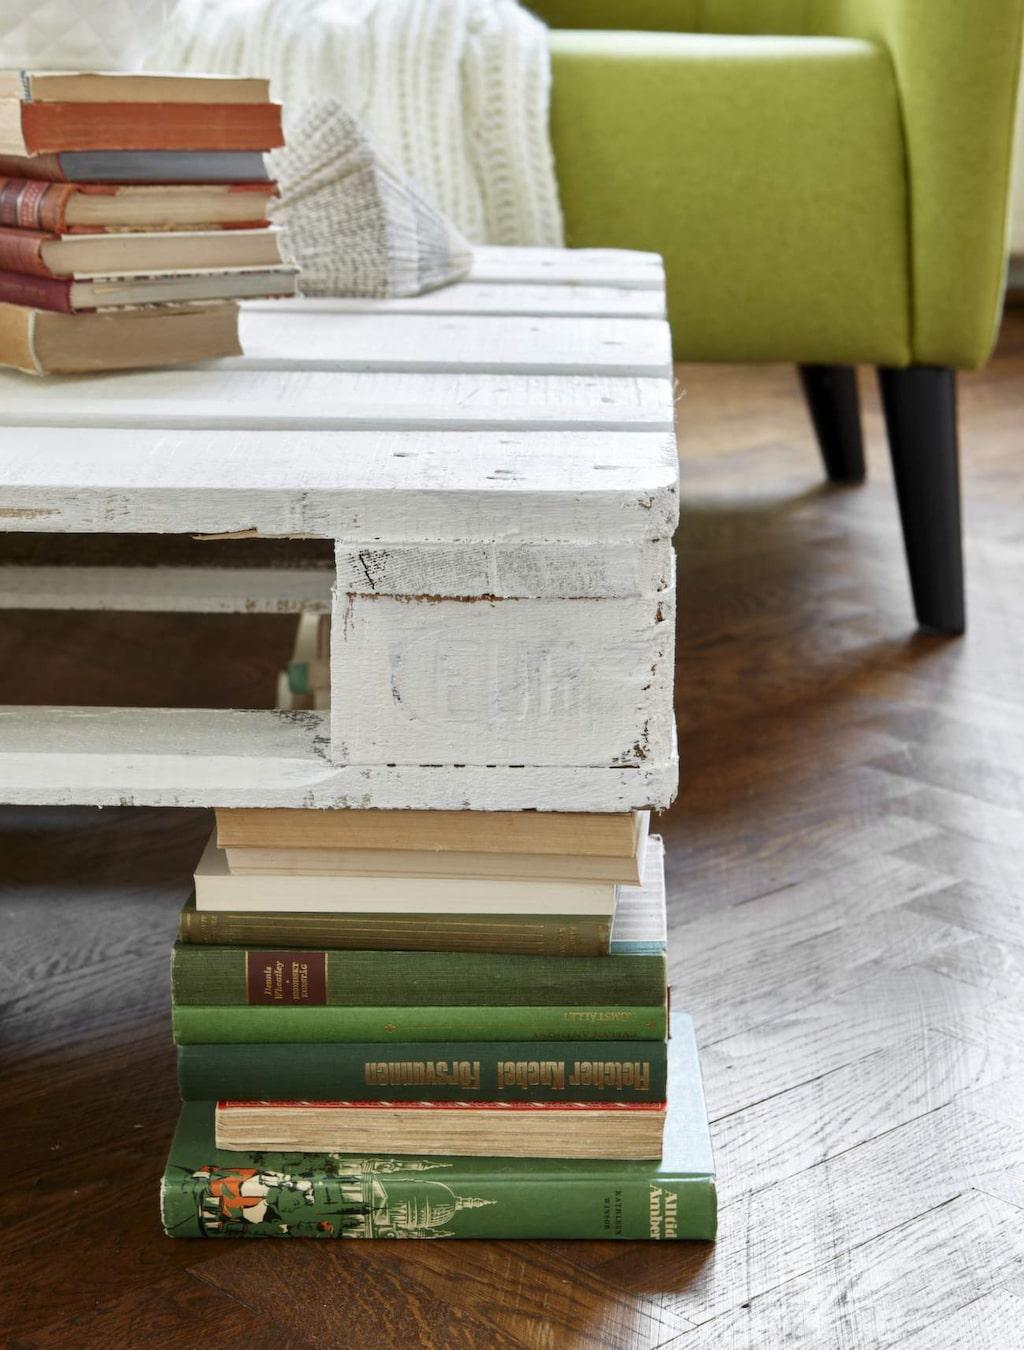 Här är ett charmigt alternativ till bordsben. Lastpallen lades på fyra stycken boktravar och blev tillsammans ett personligt soffbord. Köp gamla böcker på loppis, skolbasarer eller auktioner. Lägg ut böckerna i fyra jämna travar och limma ihop pärmarna med varandra. Lastpallen är så pass tung att den ligger stadigt utan att fästas.